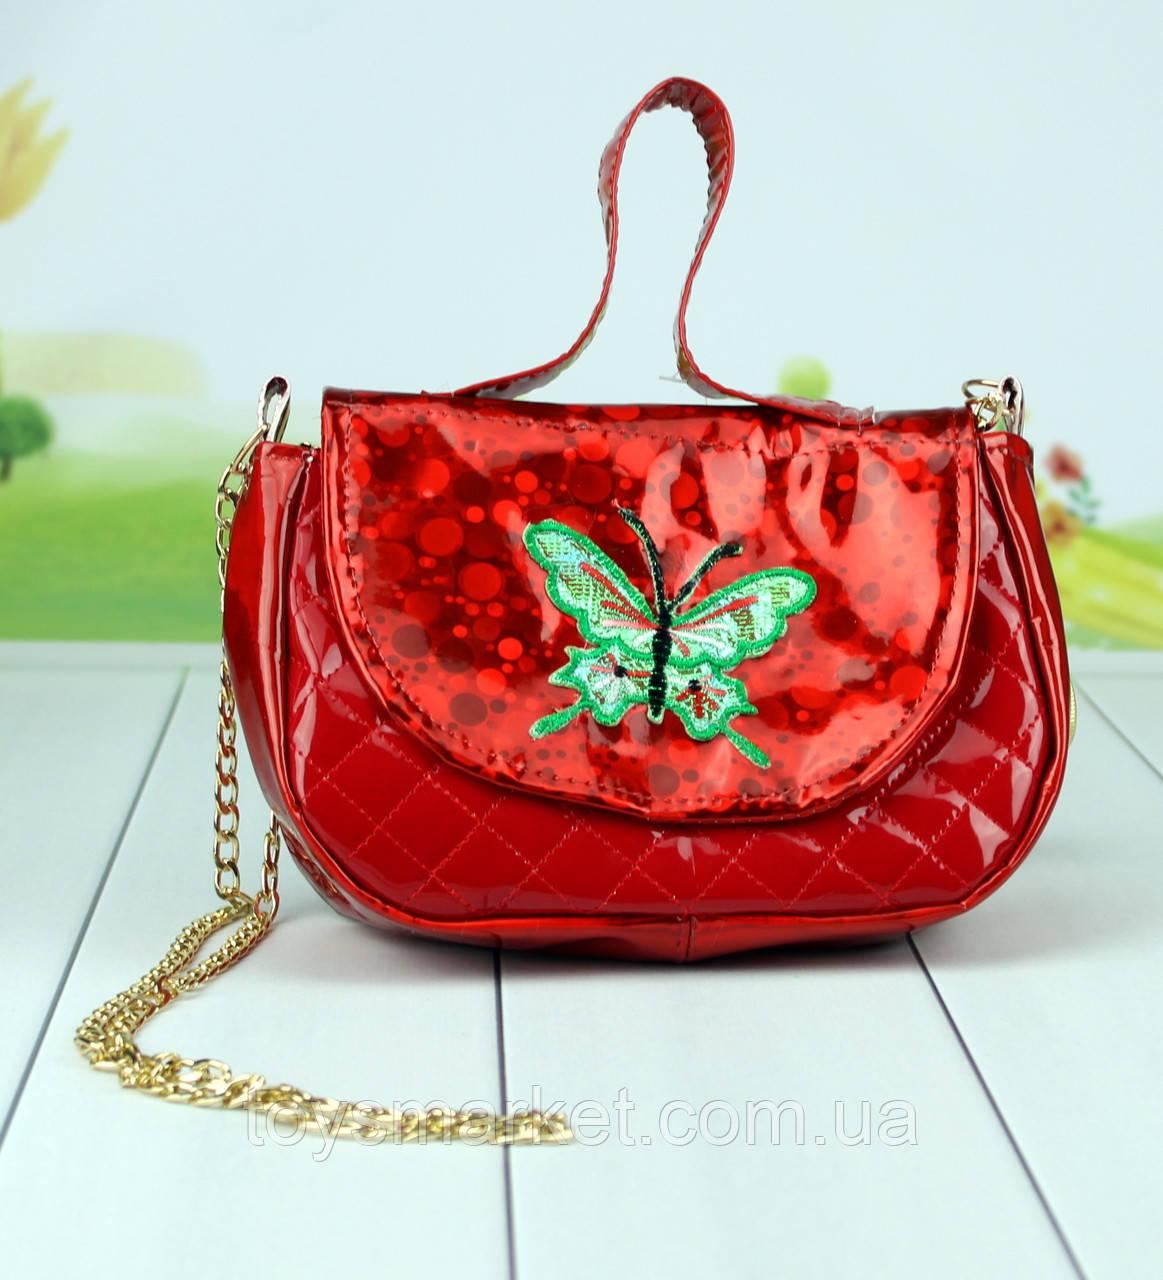 Дитяча сумка Мупси червоного кольору 21 див.